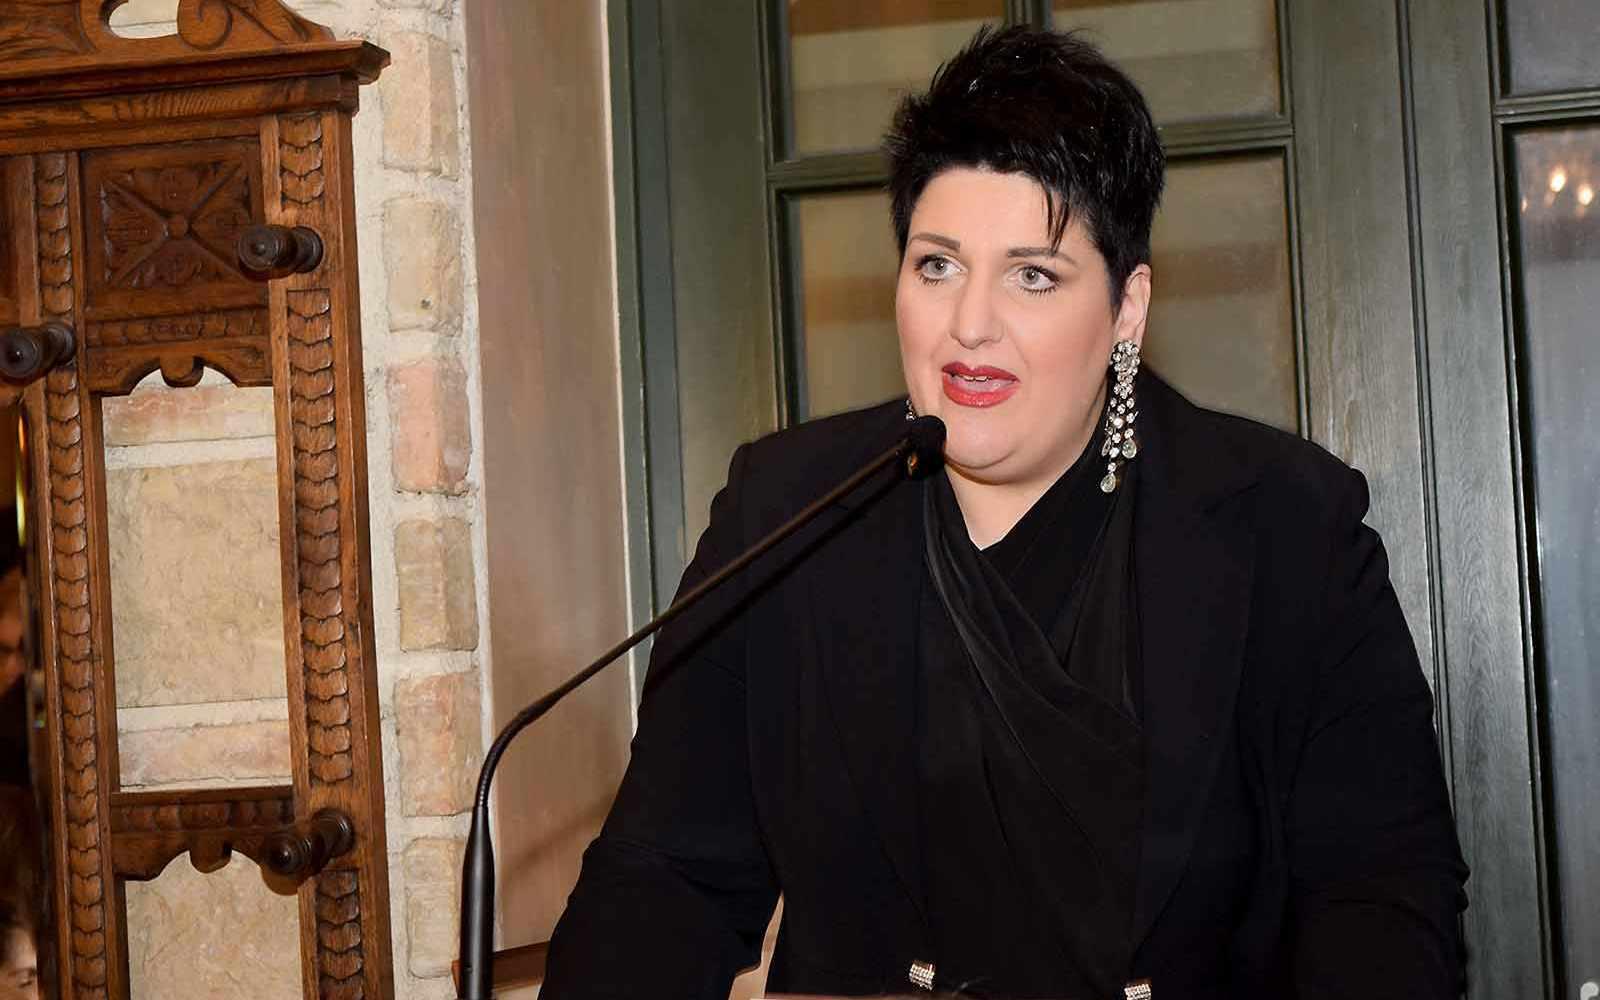 η-Πρόεδρος-Άννα-Μαρία-Ρογδάκη